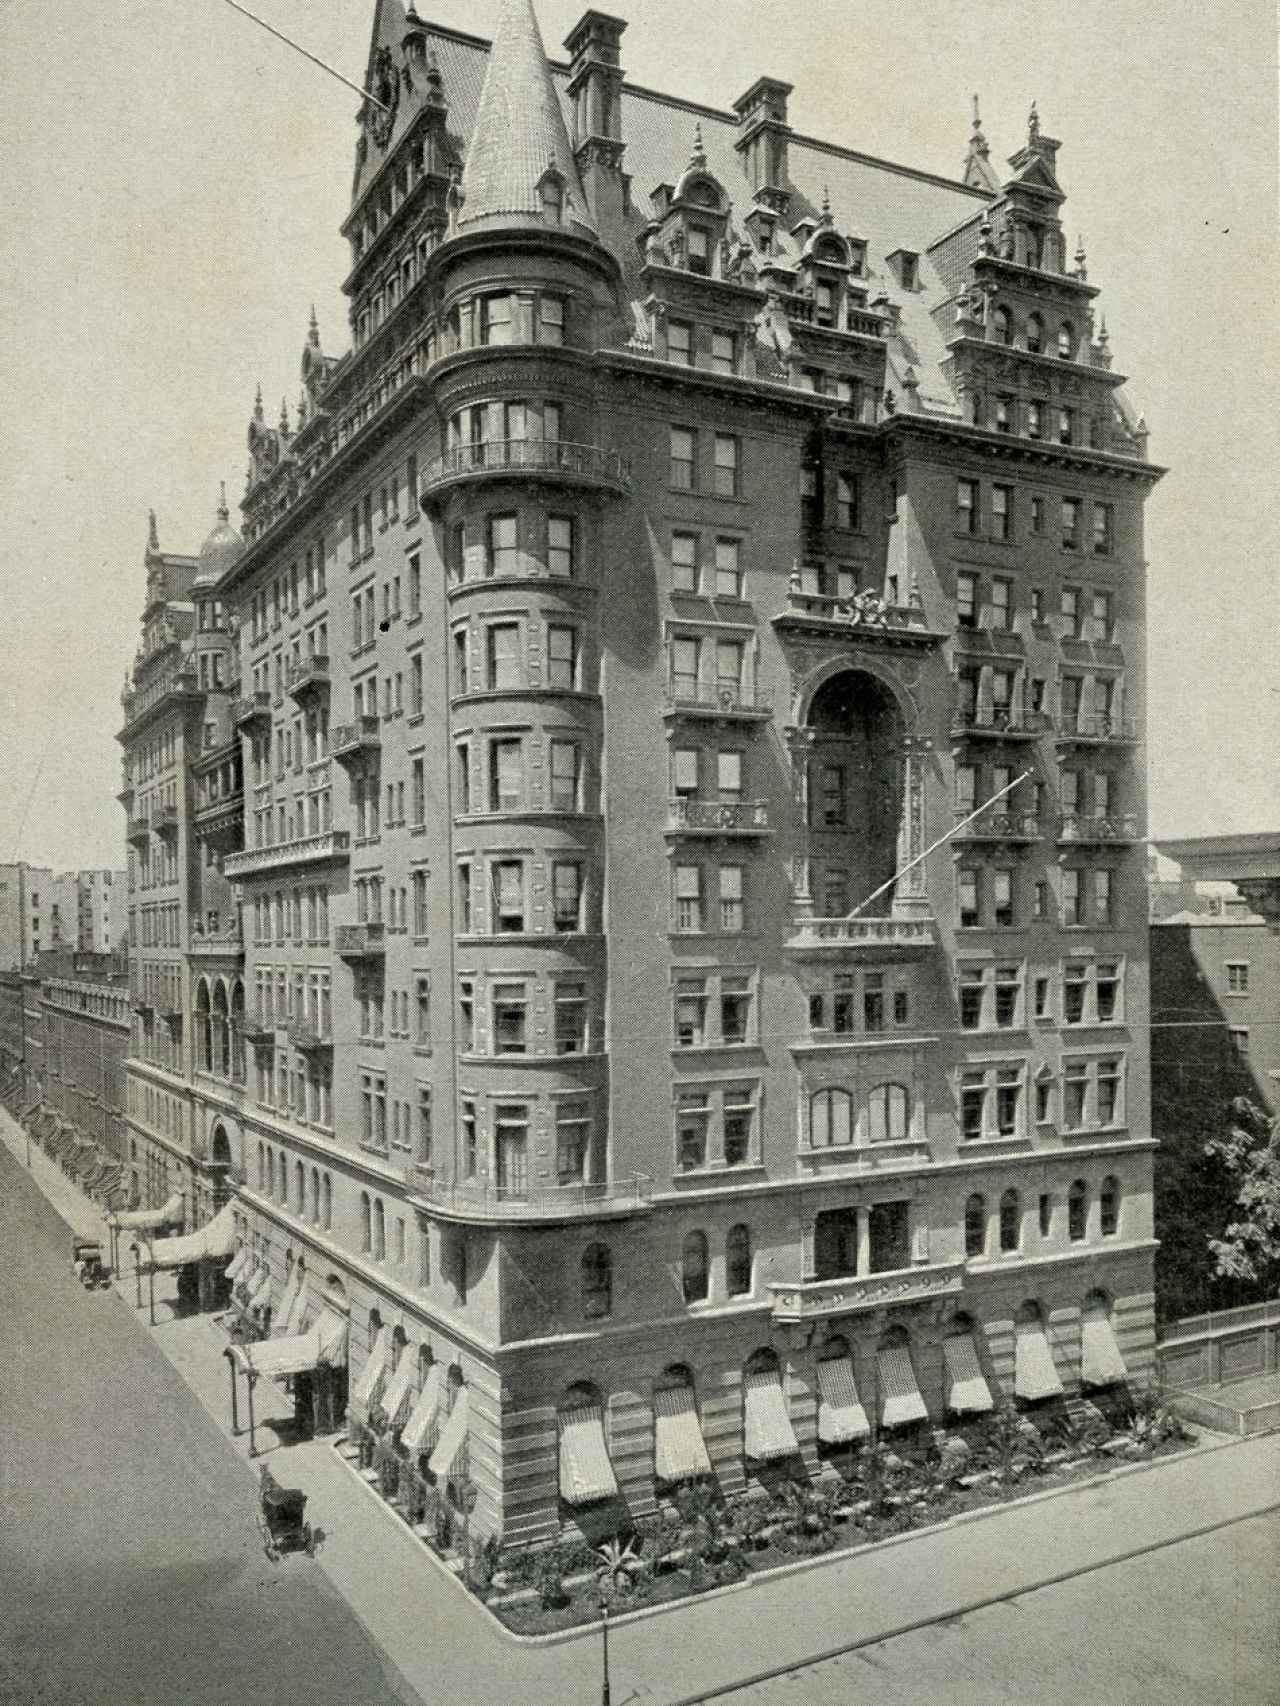 El hotel Waldorf (1893) germen de lo que cuatro años después sería el primer Waldorf-Astoria.